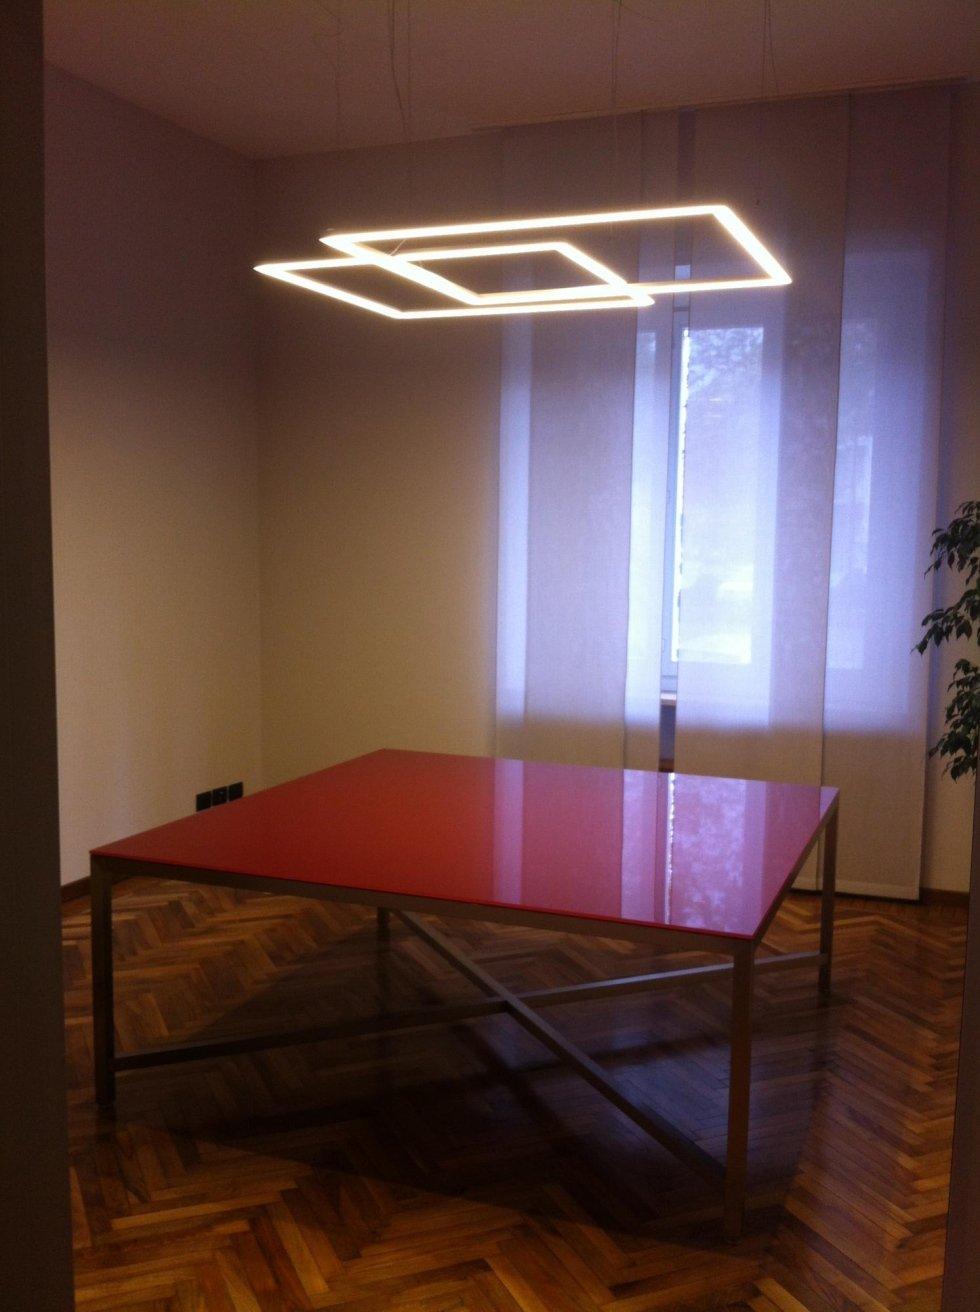 Realizzazione a LED con binari Delta a rettangoli incrociati